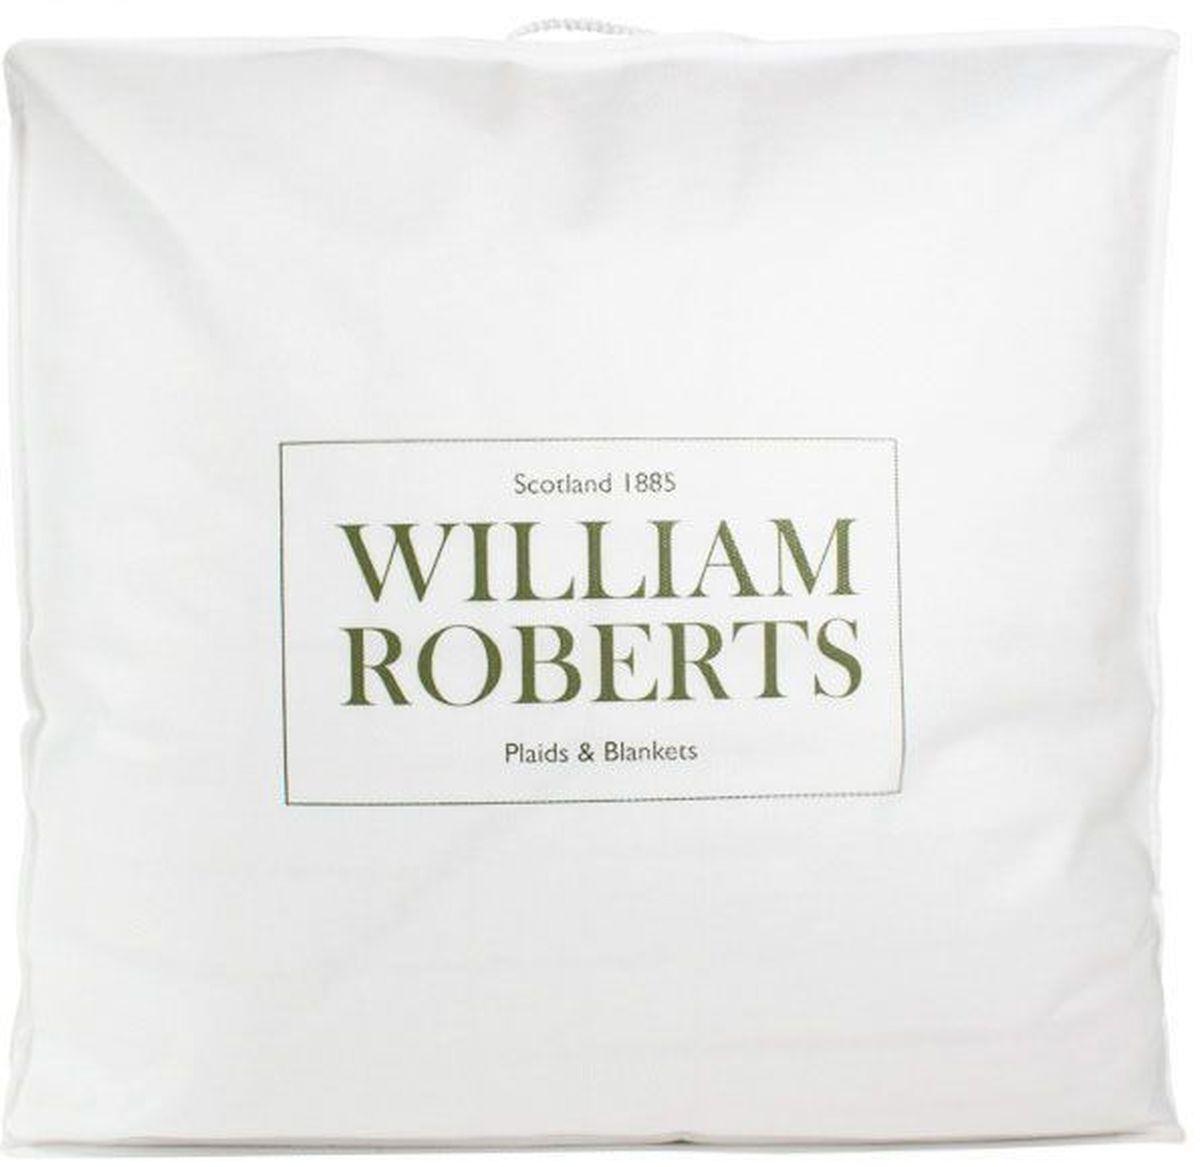 Одеяло William Roberts White Splendid Down, всесезонное, 200х220 смwlr233234Одеяло кассетное всесезонное двуспальное (евро) Размер: 200х220 см Наполнитель: Пух-перо Состав: 100% Гусиный белый пух высокого качества Материал чехла: Хлопковый сатин (Supersoft) Состав: 100% Хлопок Отделка: Кант Производитель: William Roberts Страна производства: Великобритания